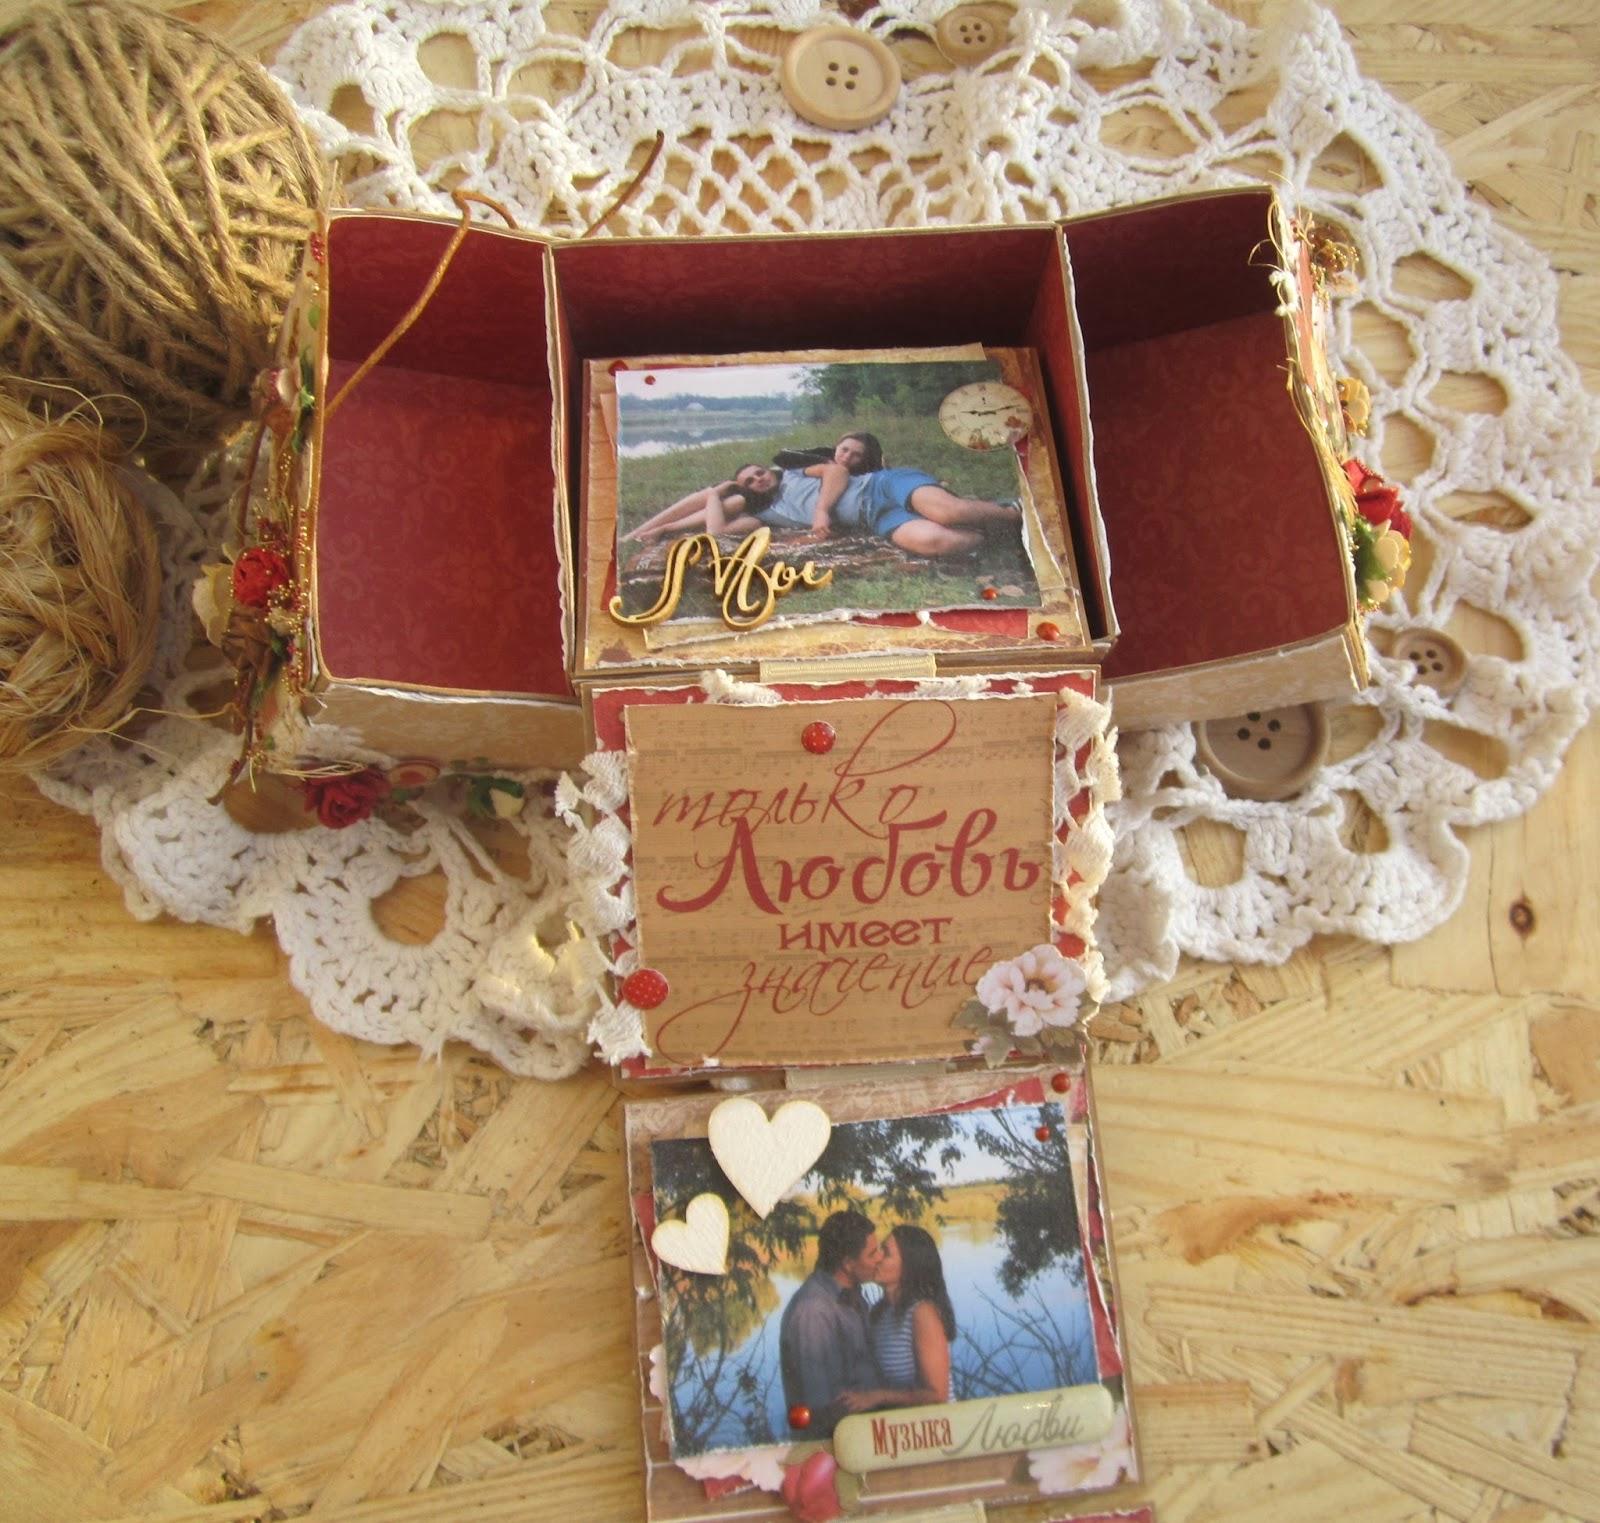 воспоминания в коробочке фото открытки понедельник, отправляйте